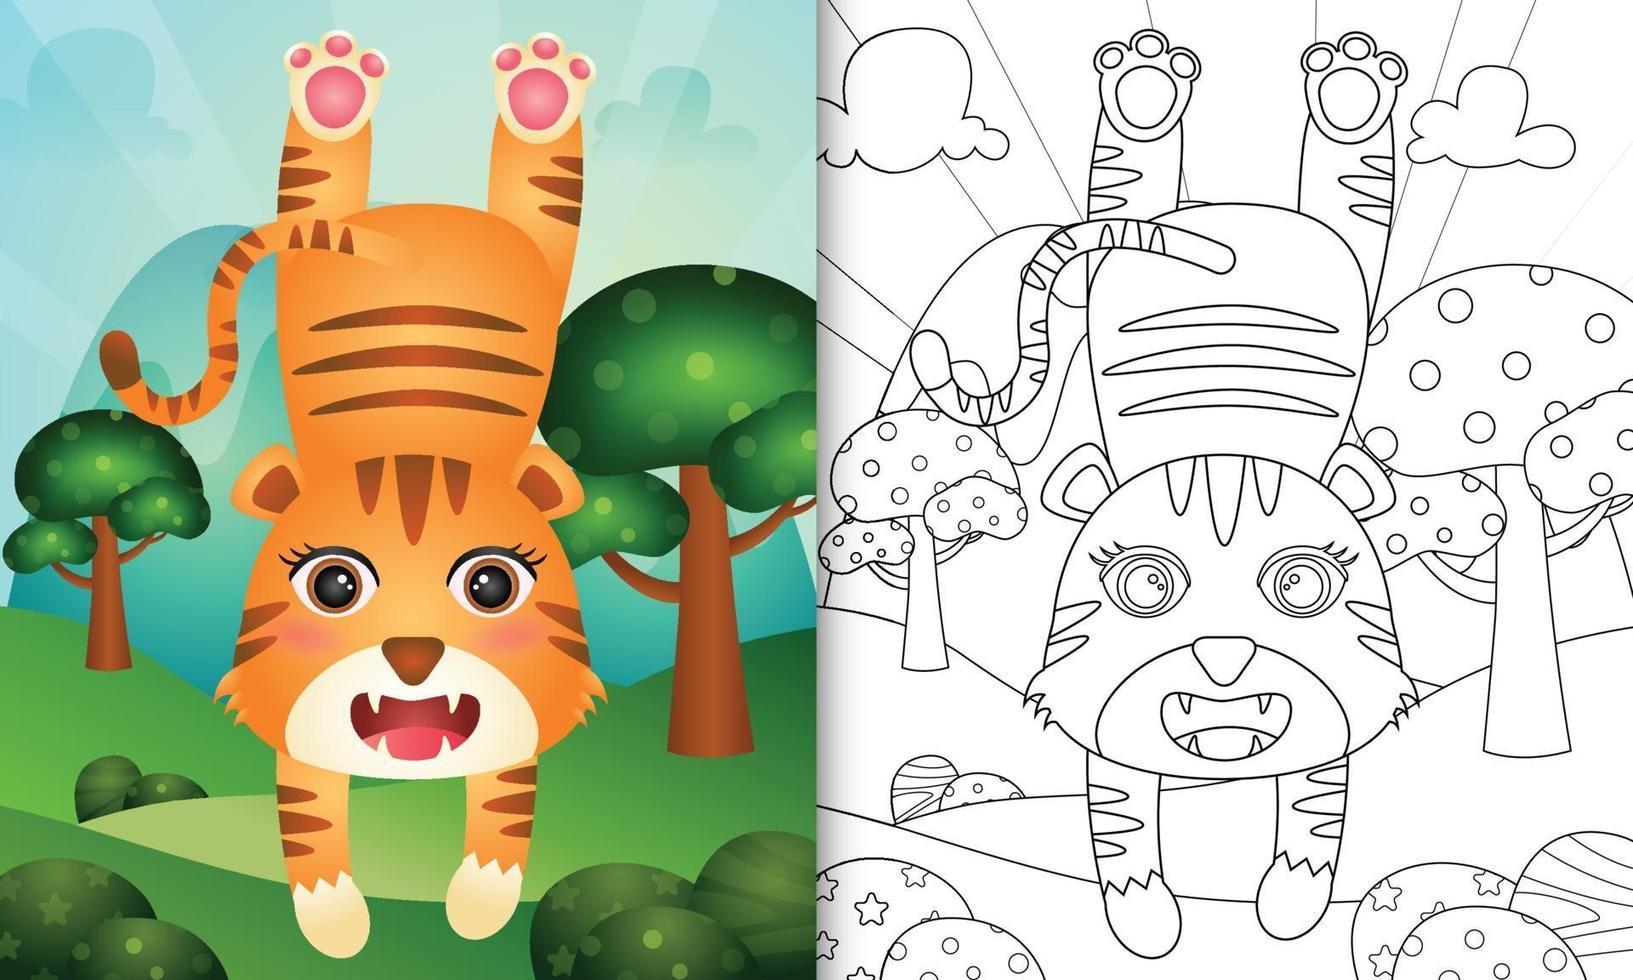 libro da colorare per bambini con un simpatico personaggio di tigre vettore